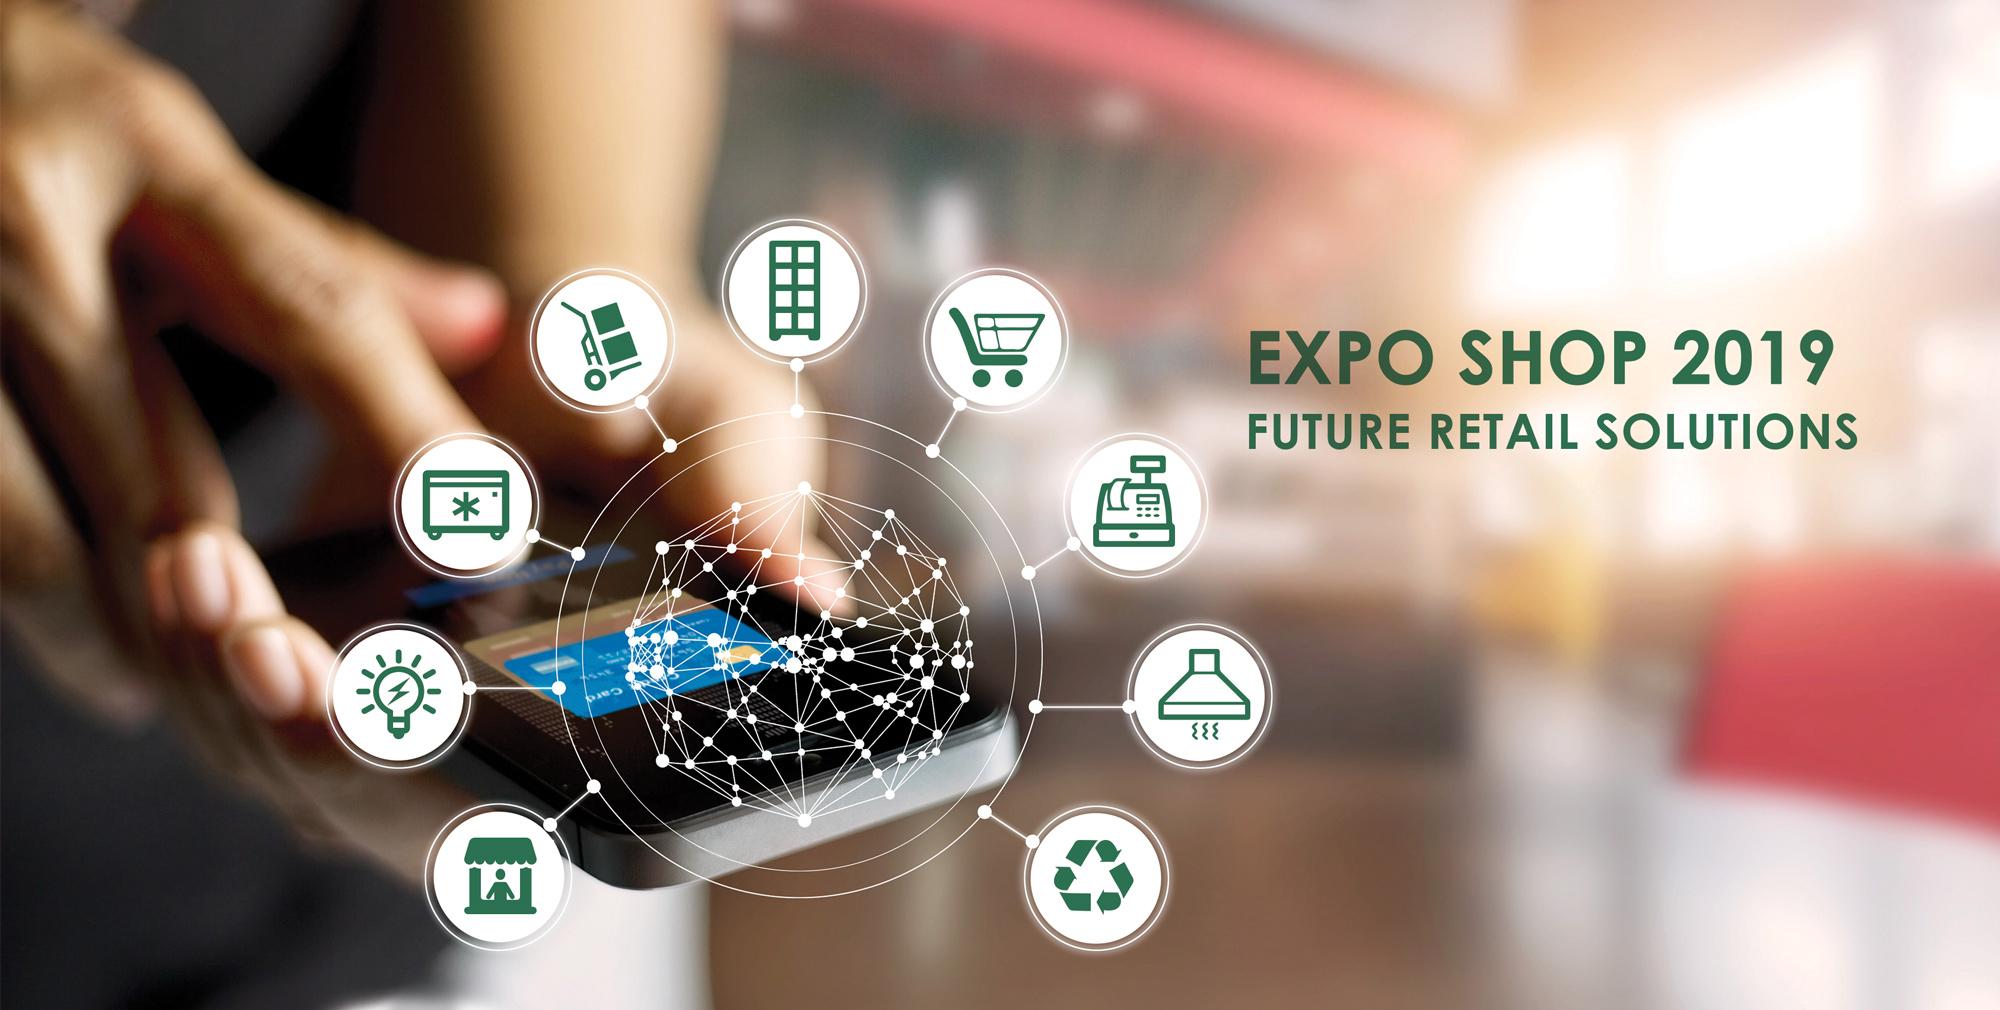 Incepe Expo Shop, evenimentul care iti arata viitorul industriei de retail (9-11 octombrie, Romexpo)